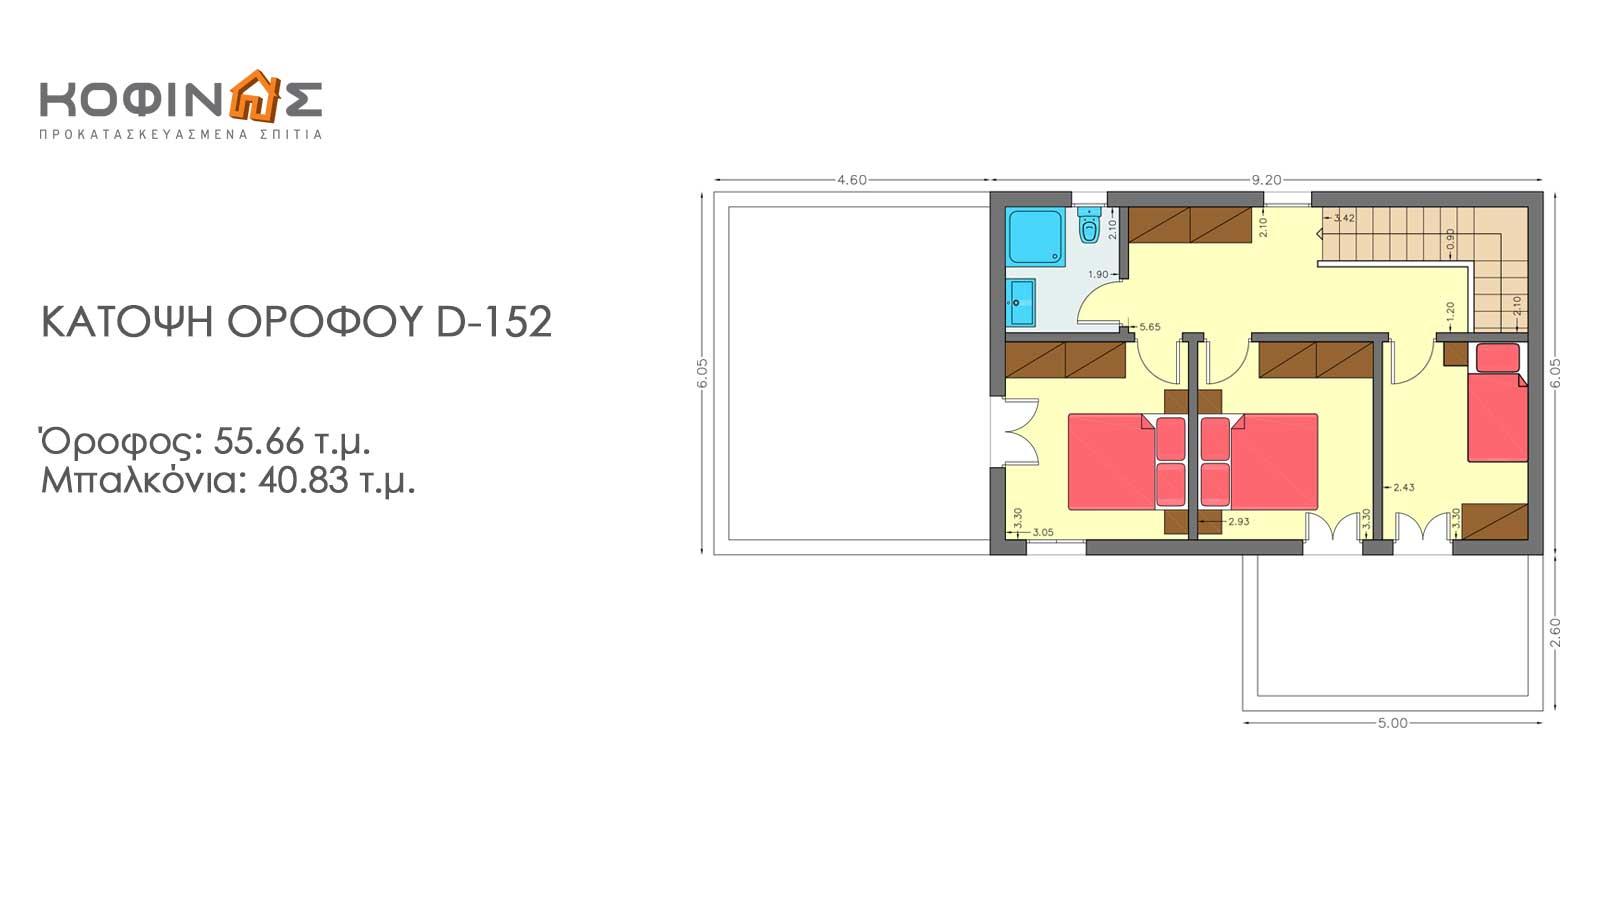 Διώροφη Κατοικία D-152, συνολικής επιφάνειας 152,15 τ.μ.